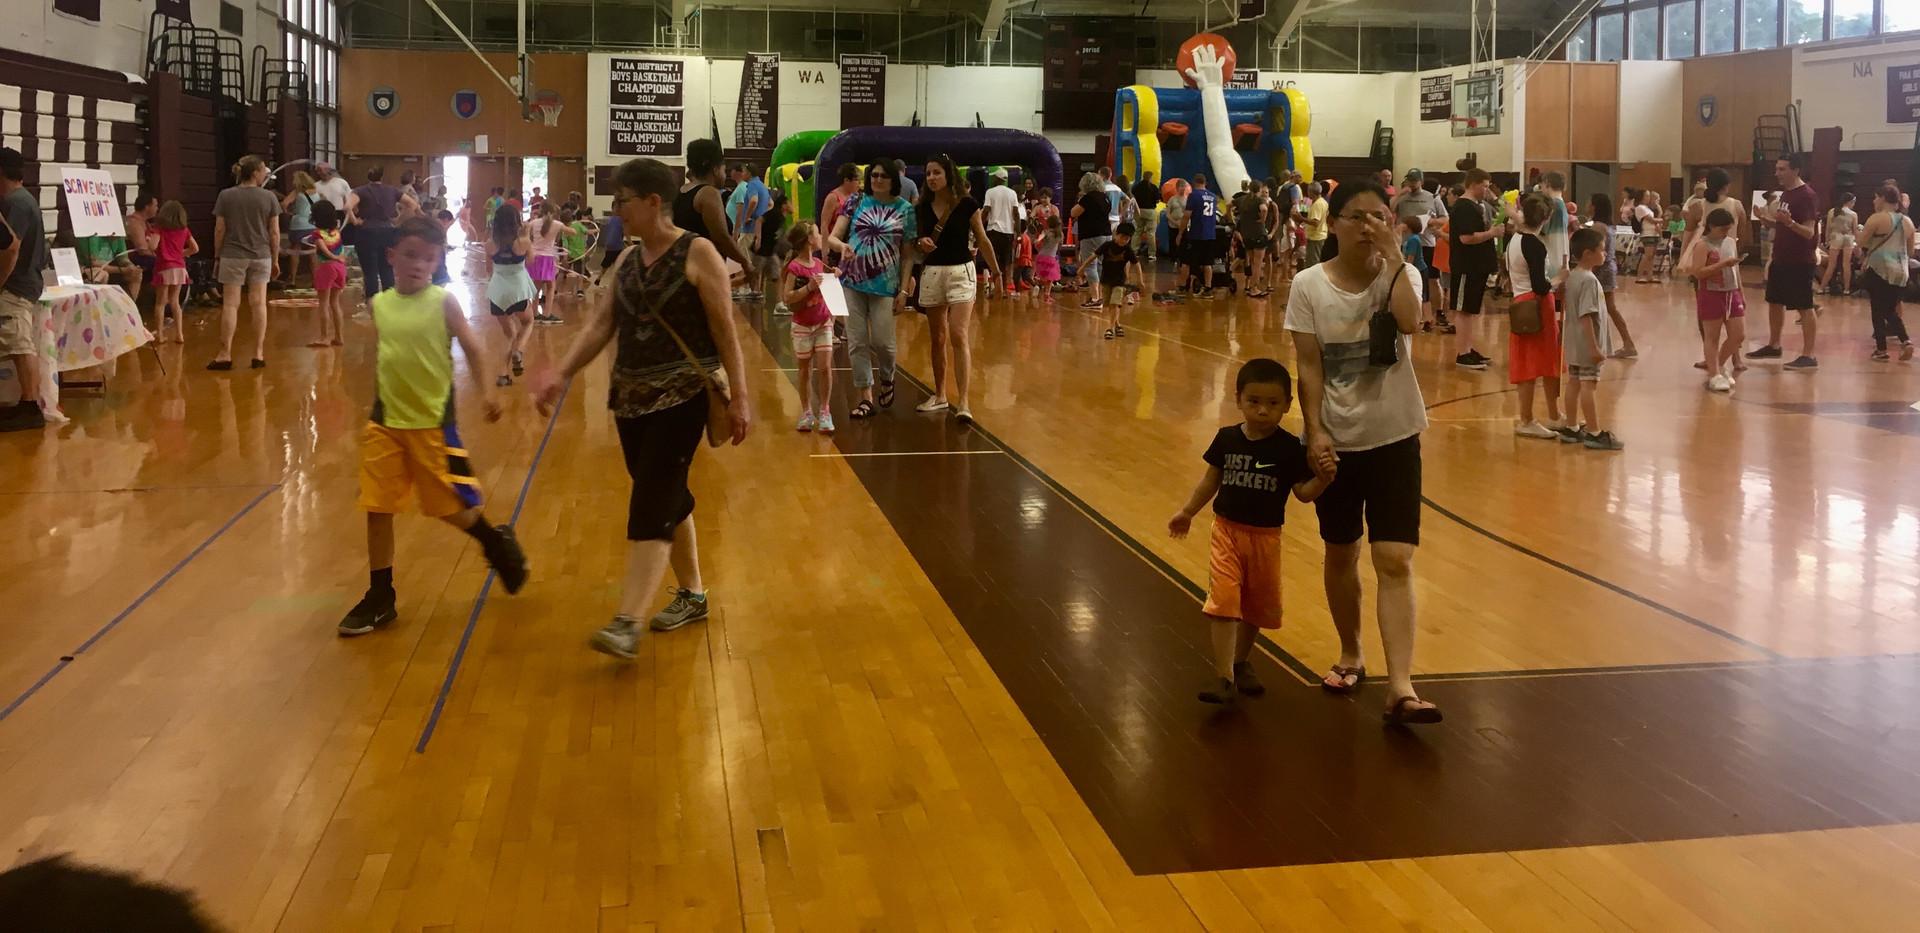 Gym - crowded.jpg